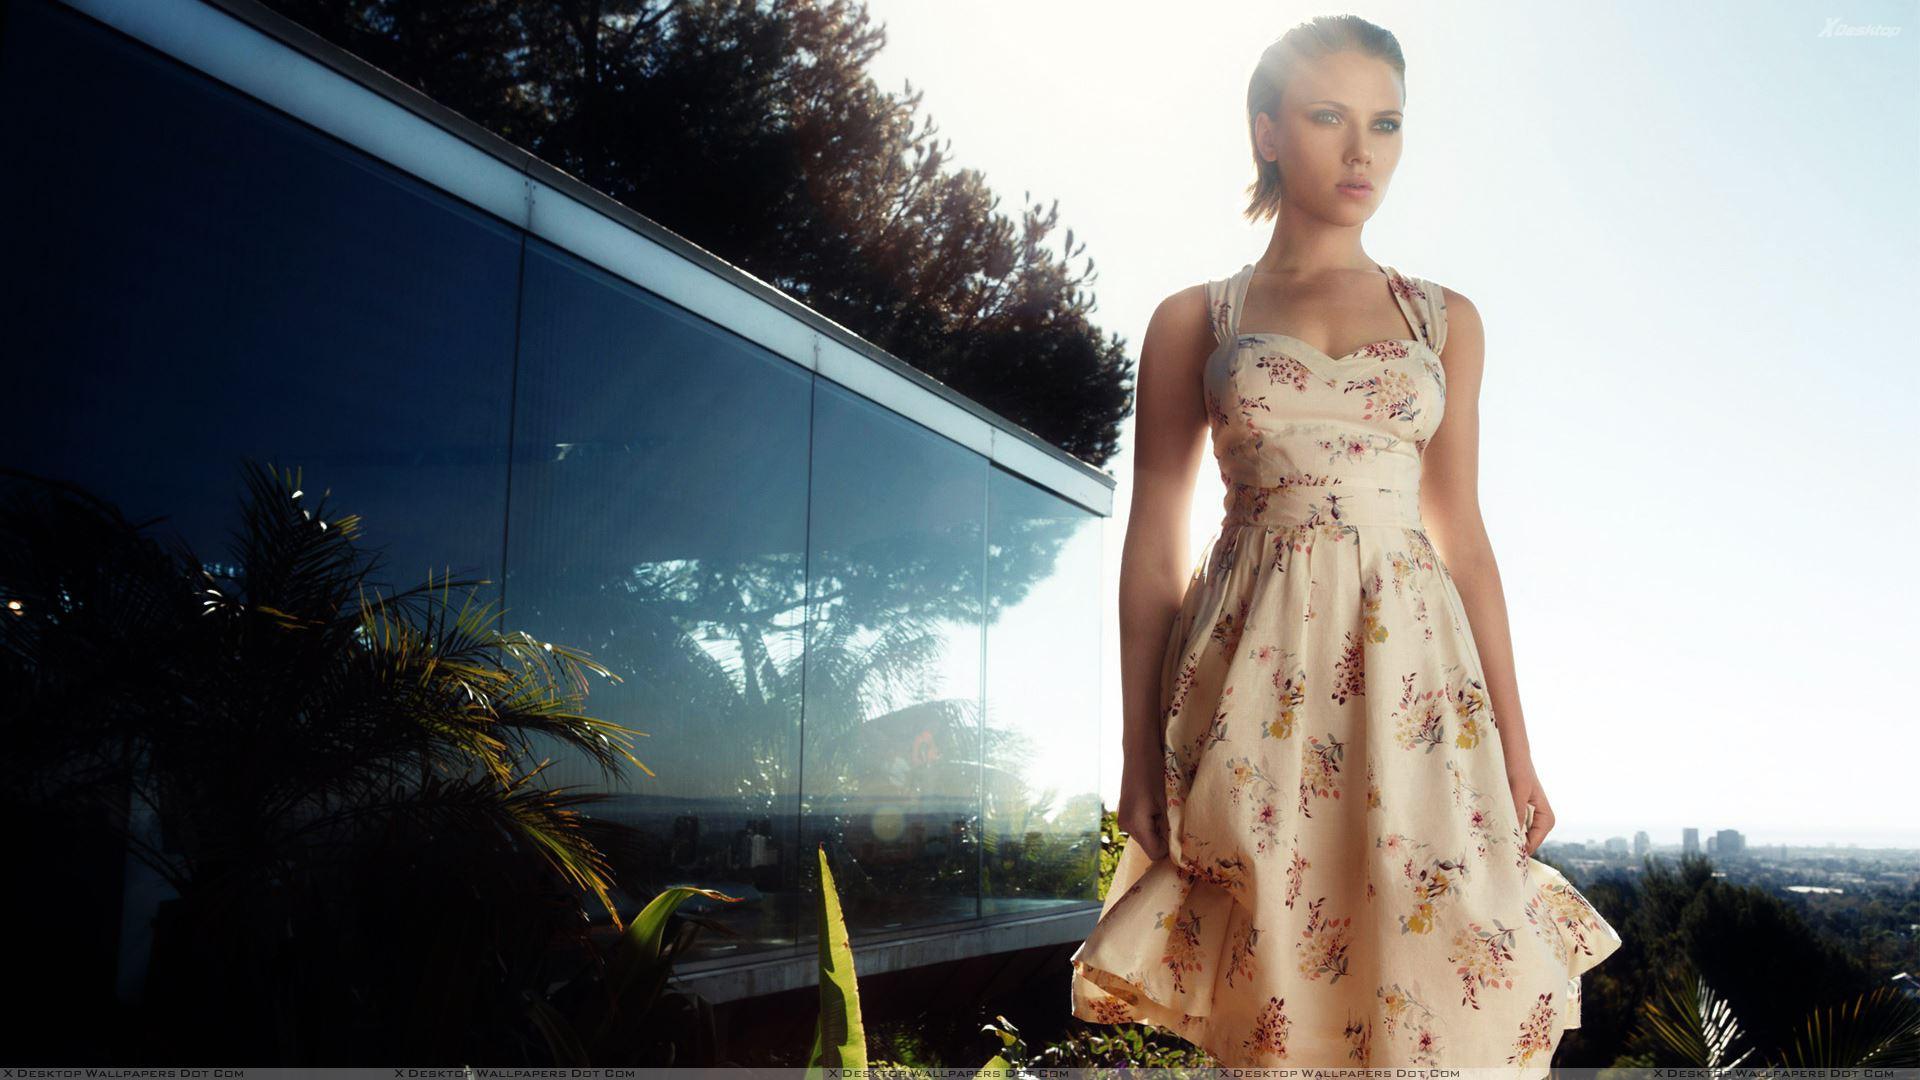 Scarlett Johansson 1080p Wallpaper